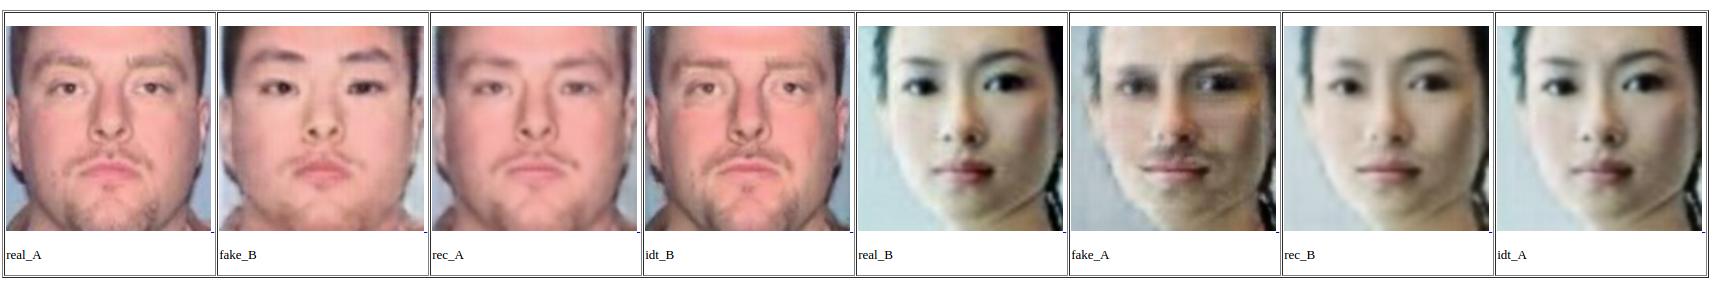 Смена пола и расы на селфи с помощью нейросетей - 32